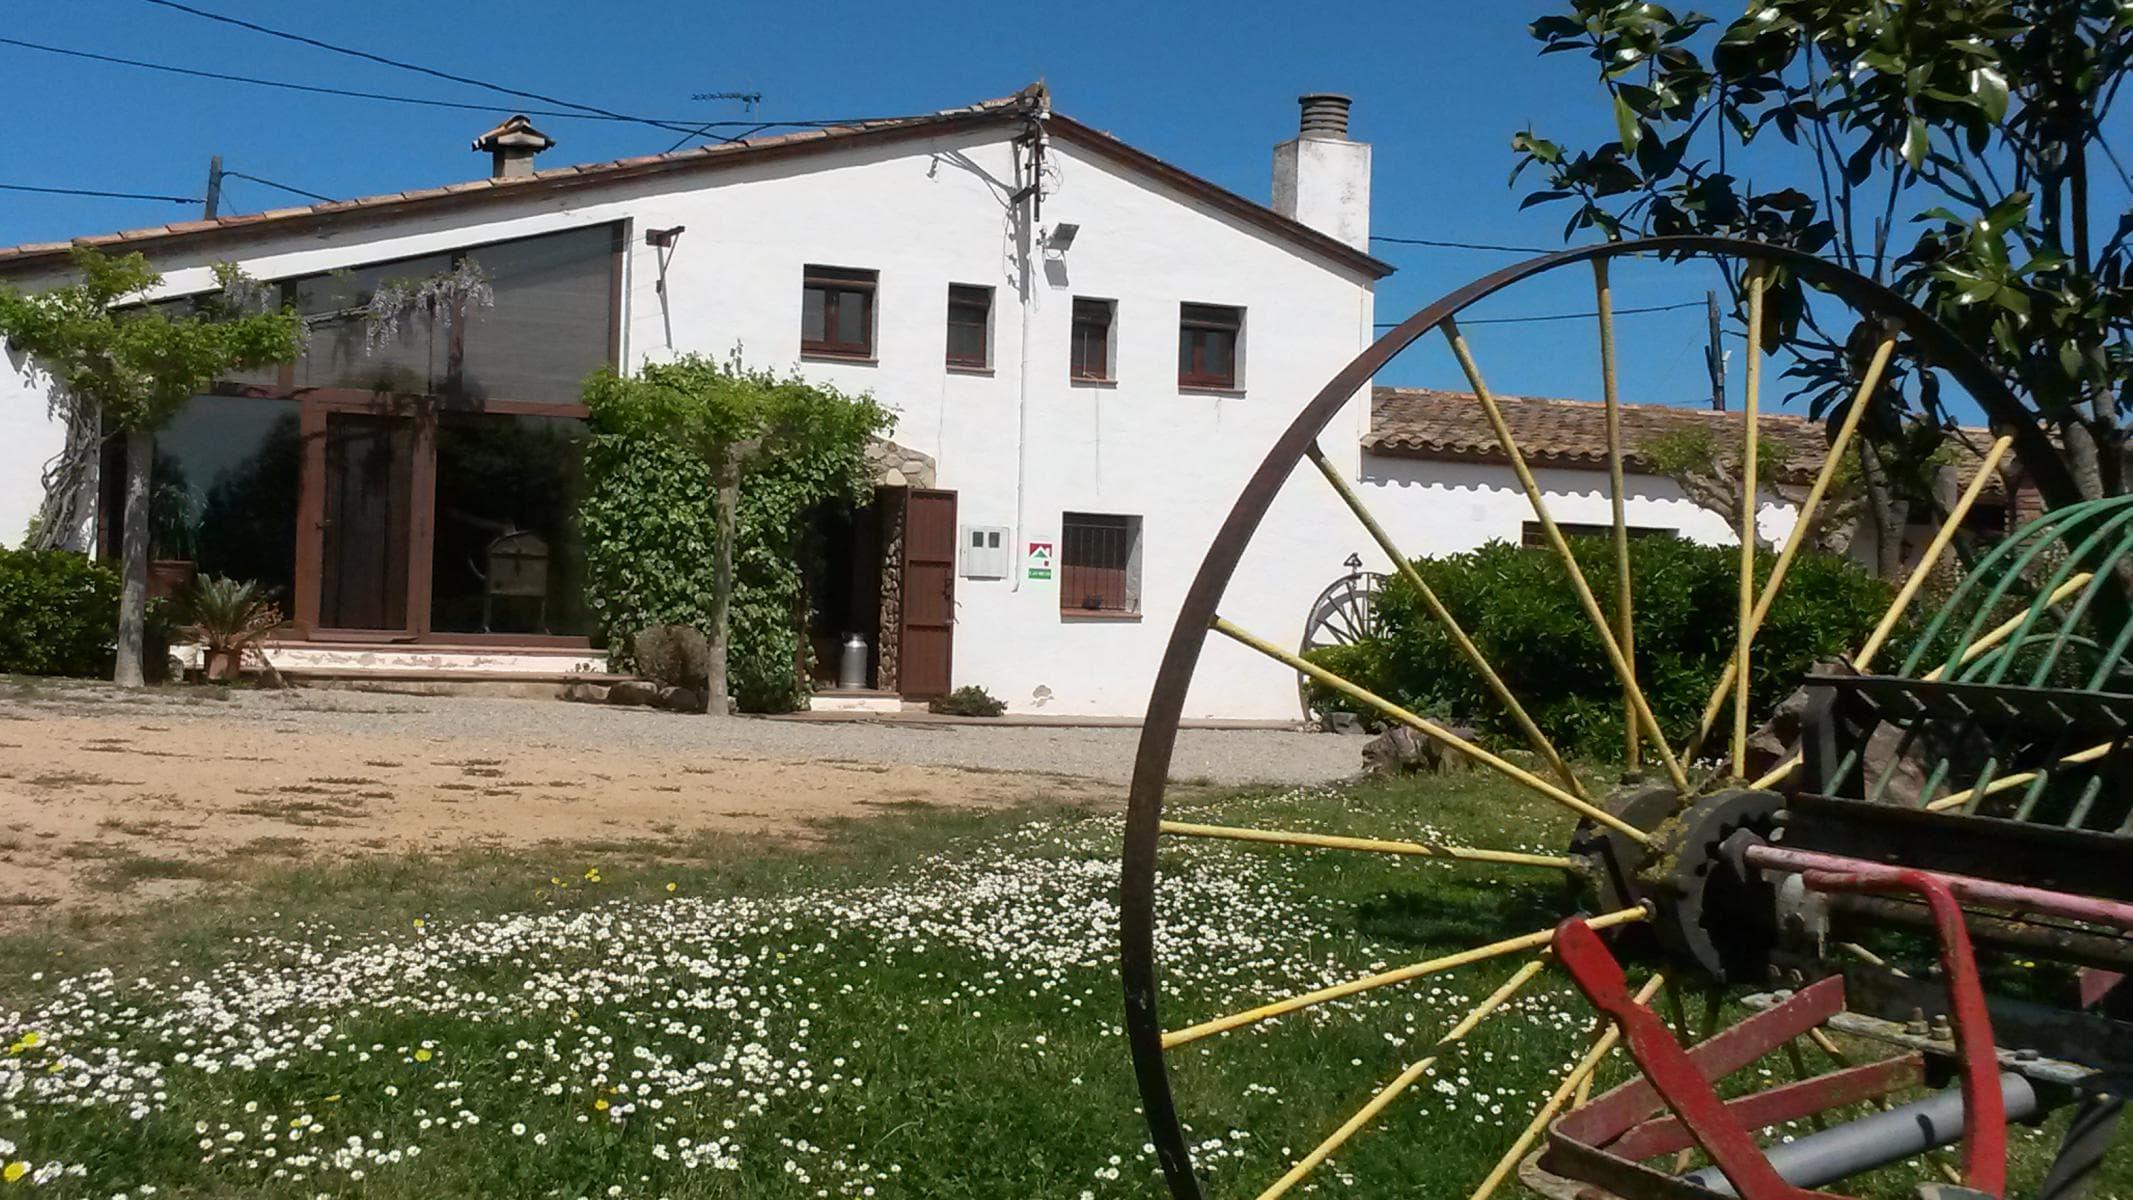 patio de la entrada y vidriera salón de la casa rural de Can Micos